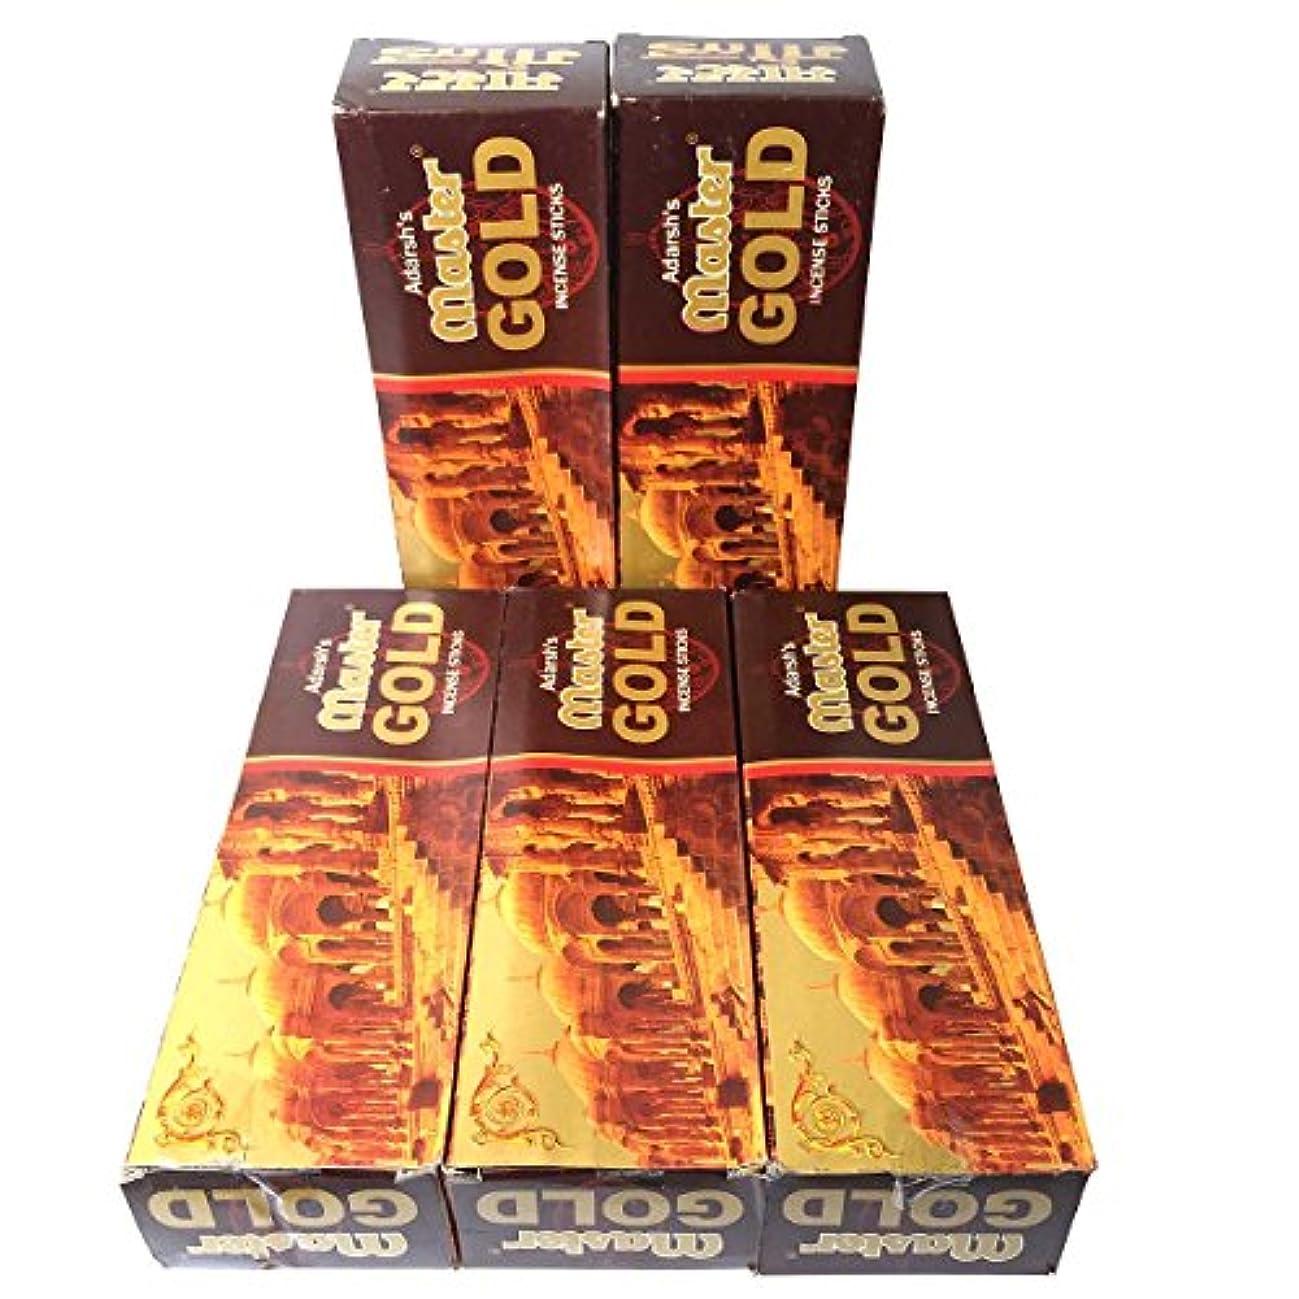 素晴らしい養う戻すマスターゴールド香スティック 5BOX(30箱)/ADARSH AROMATICS  MASTER GOLD/ インド香 / 送料無料 [並行輸入品]